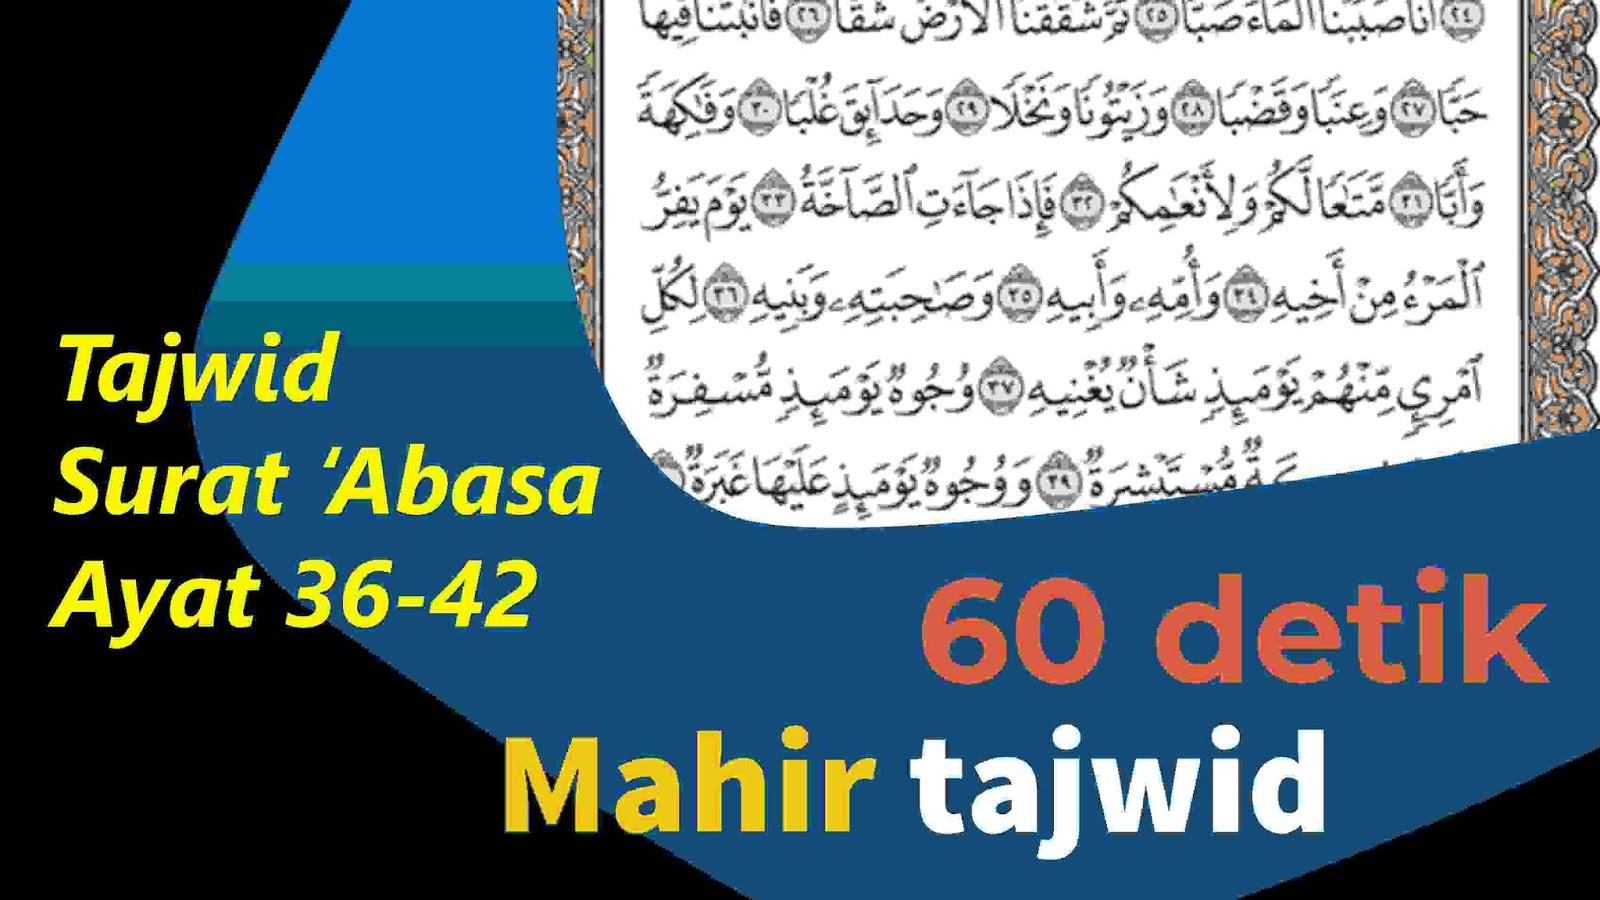 tajwid surat abasa ayat 36-42